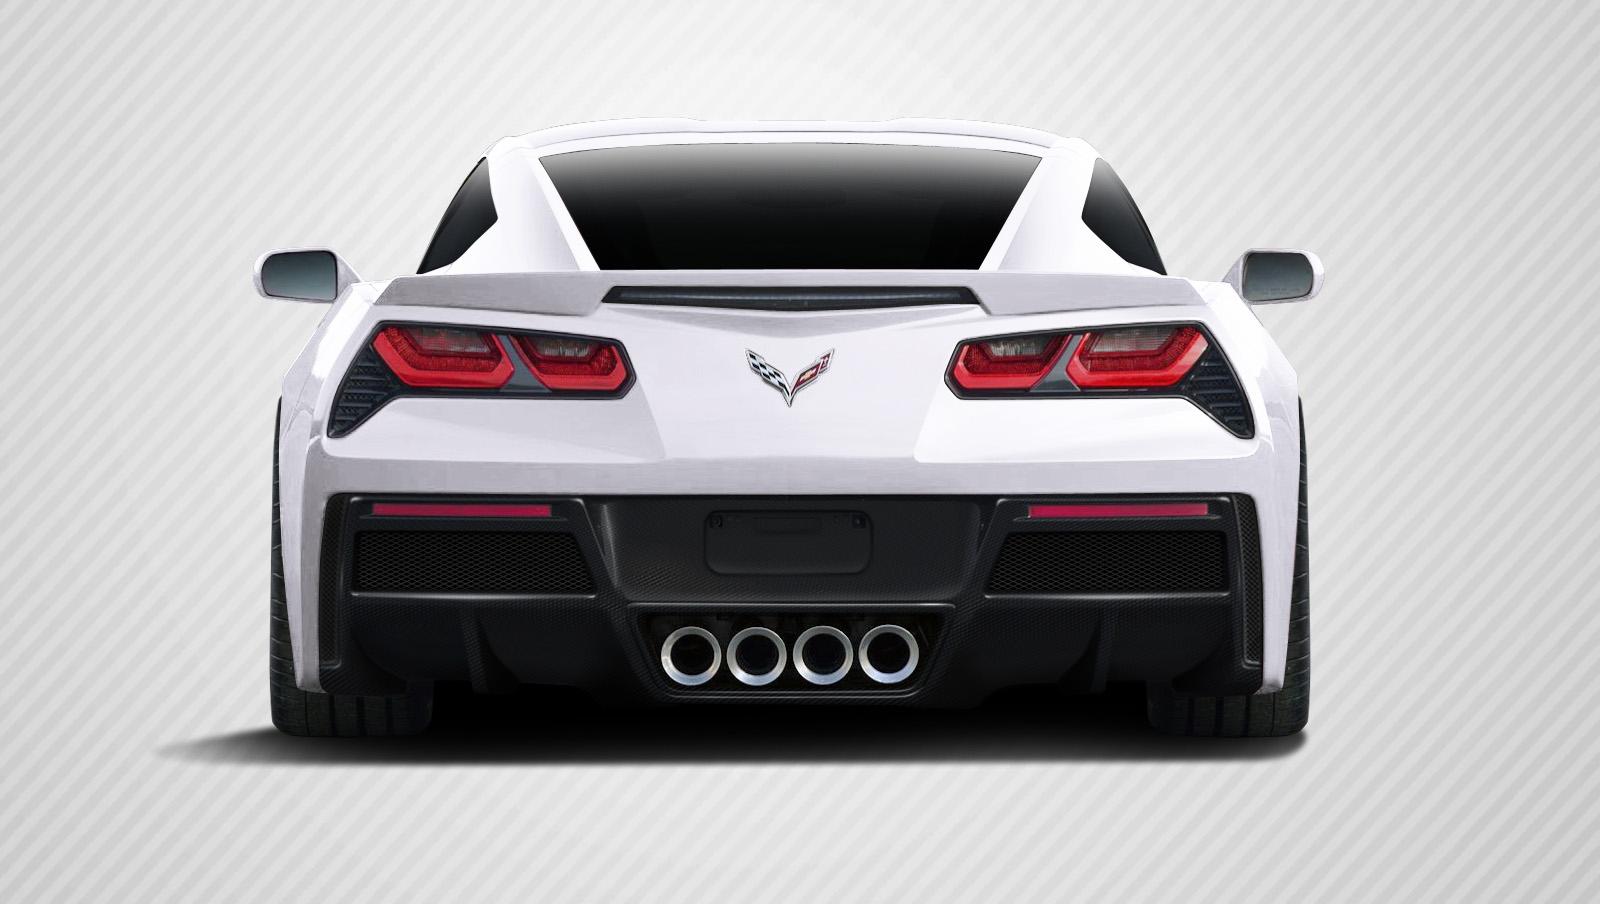 2016 Chevrolet Corvette ALL Rear Lip/Add On Bodykit - Chevrolet Corvette C7 Carbon Creations Gran Veloce Rear Diffuser- 1 Piece